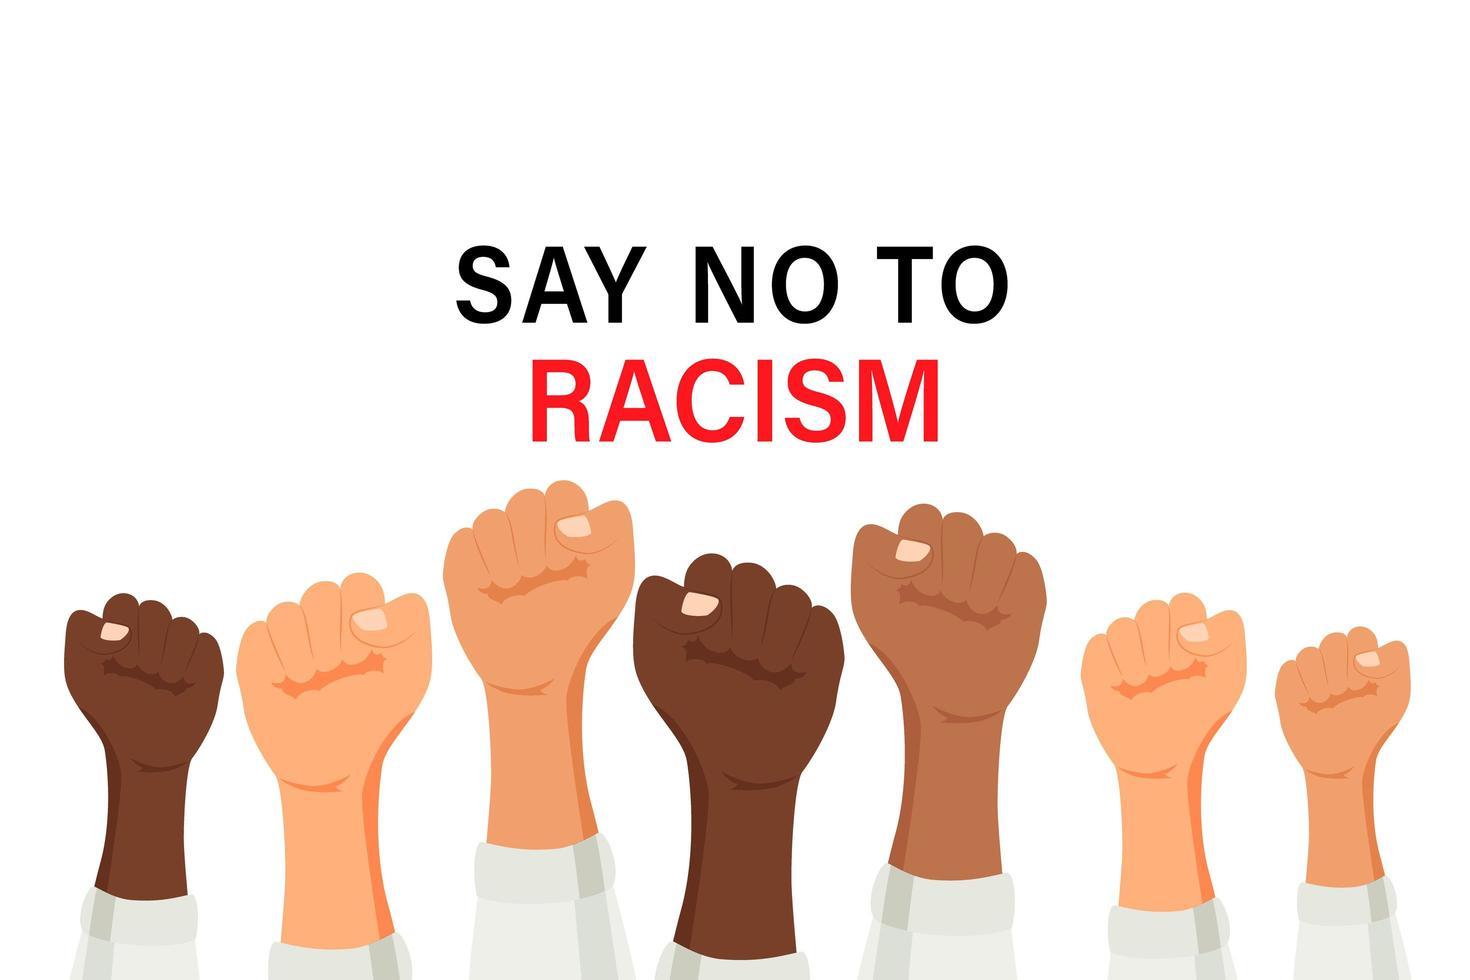 diga não ao cartaz do racismo com os braços levantados multirraciais vetor